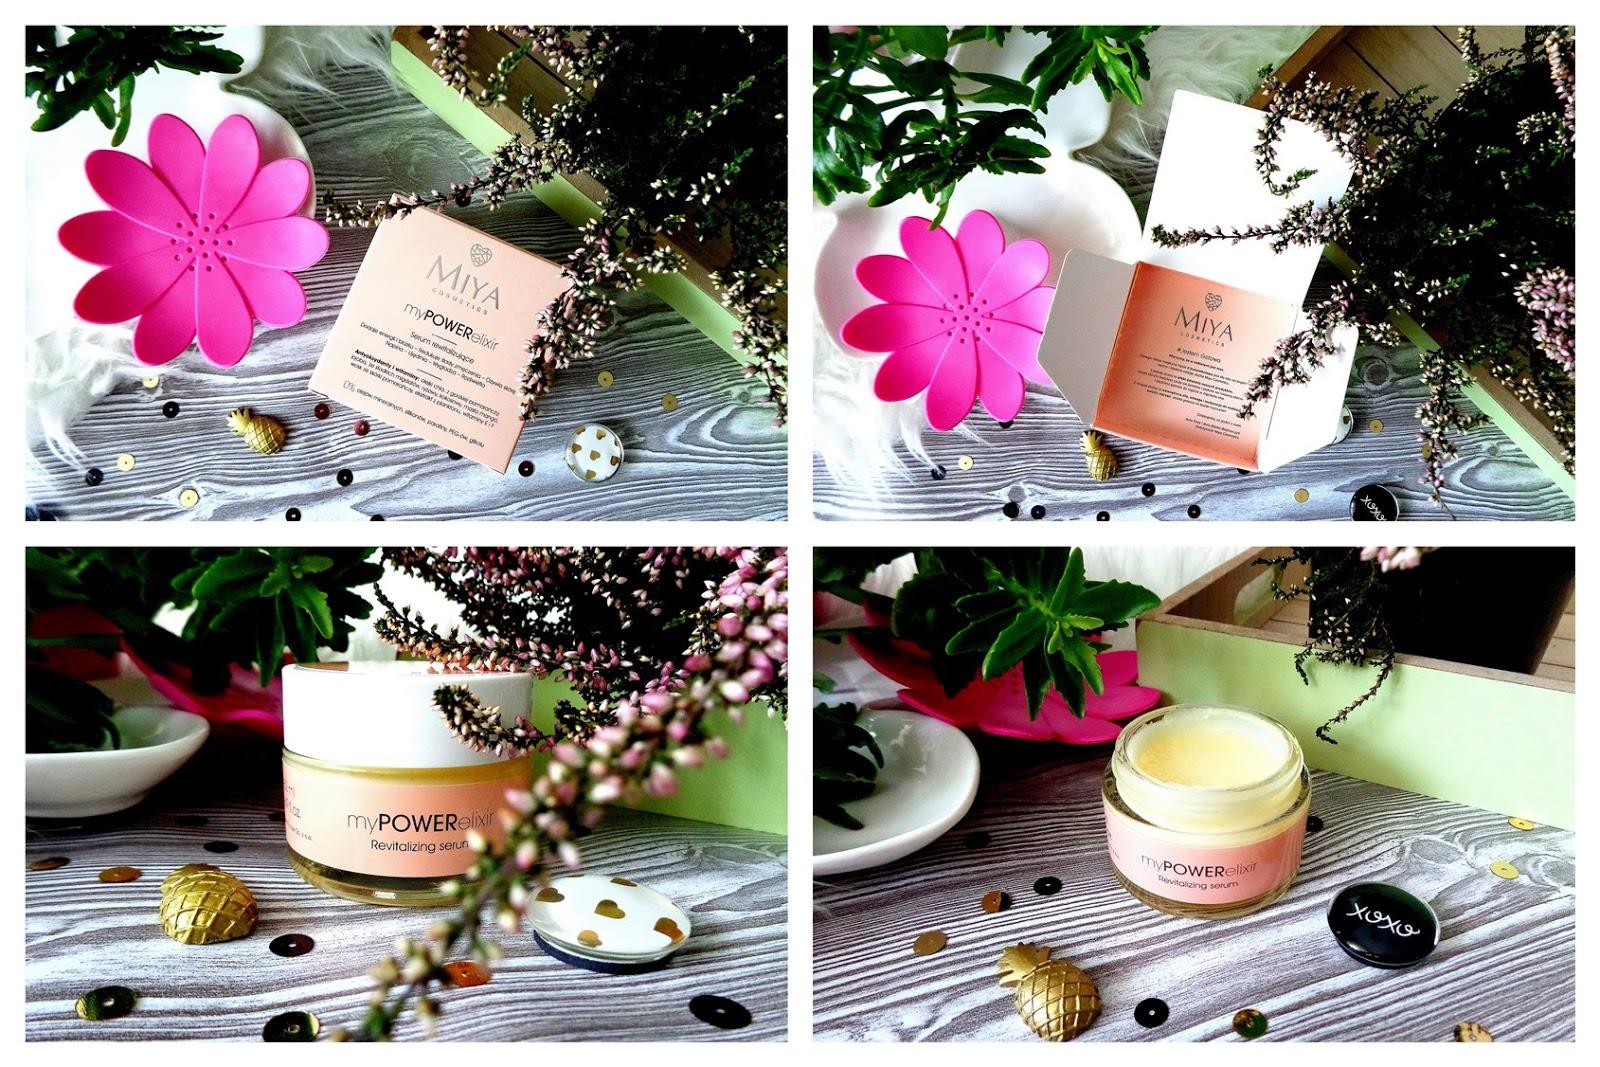 zdjęcie przedstawiające opakowanie serum Miya Cosmetics